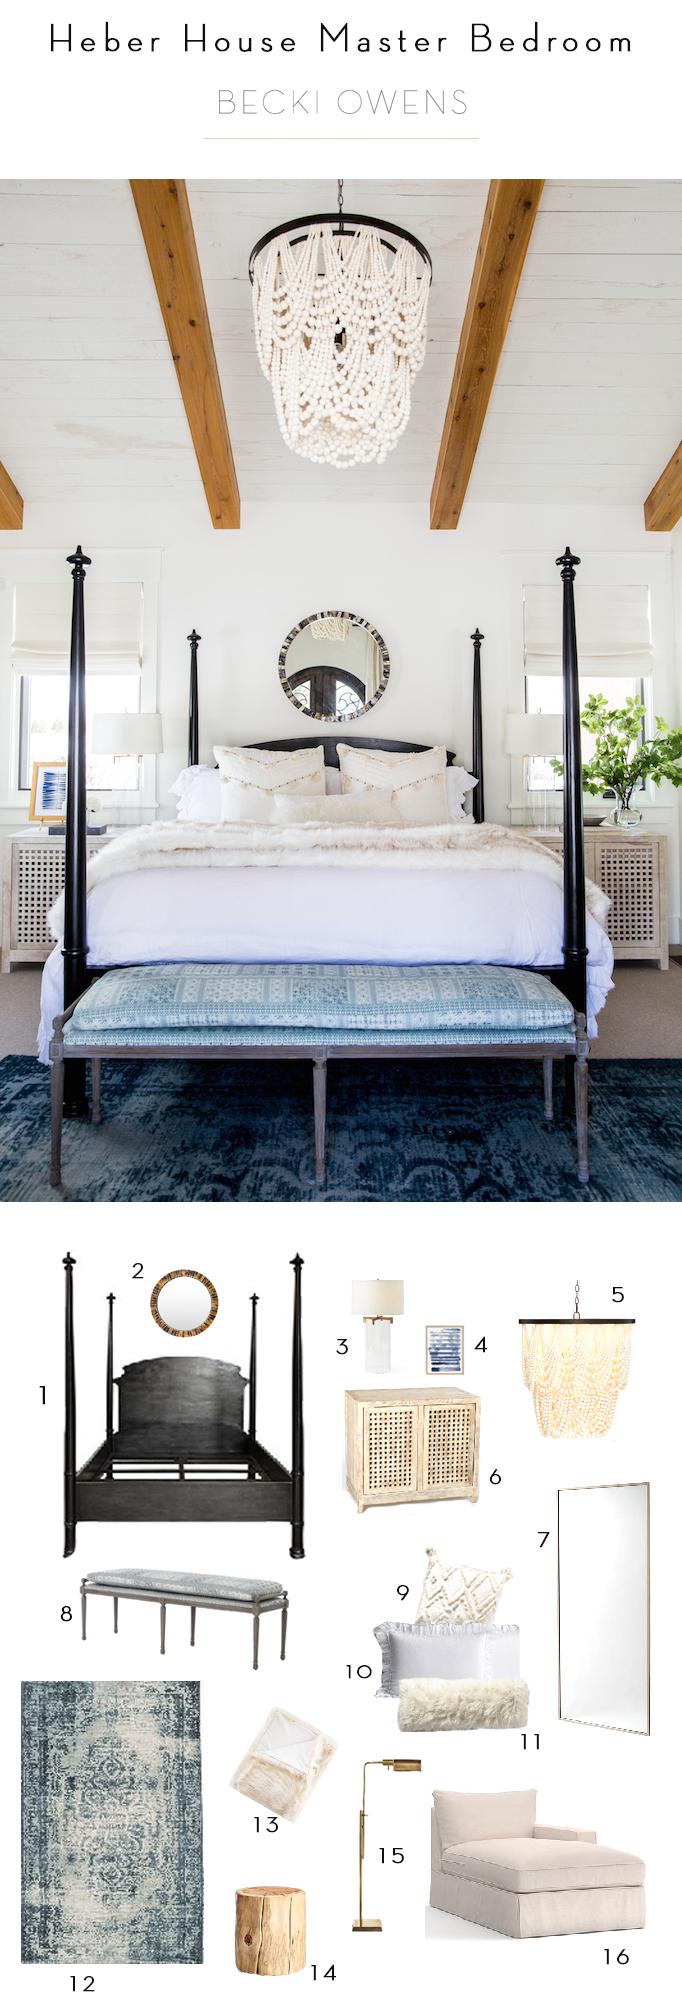 heber master bedroom becki owens